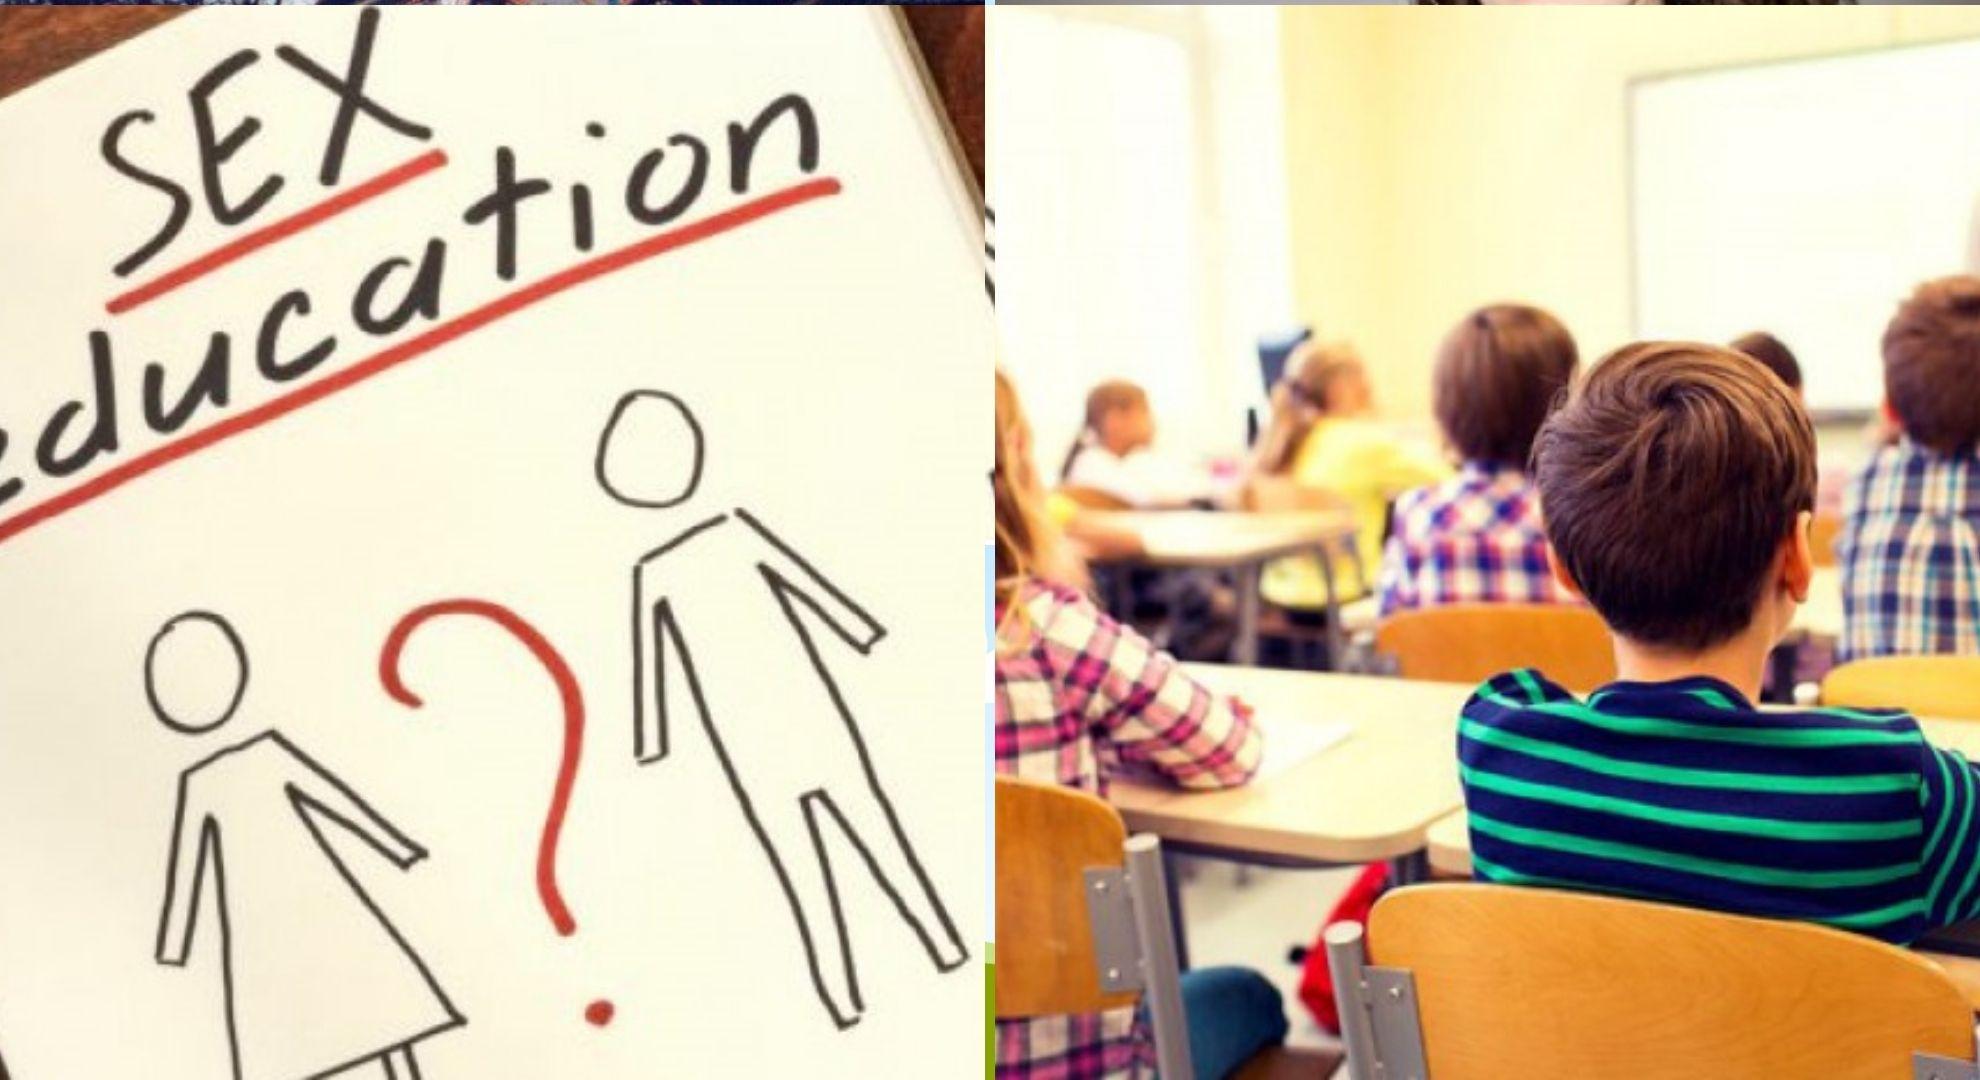 Educația sexuală în școli doar cu acordul părinților. Decizia Curții Constituționale